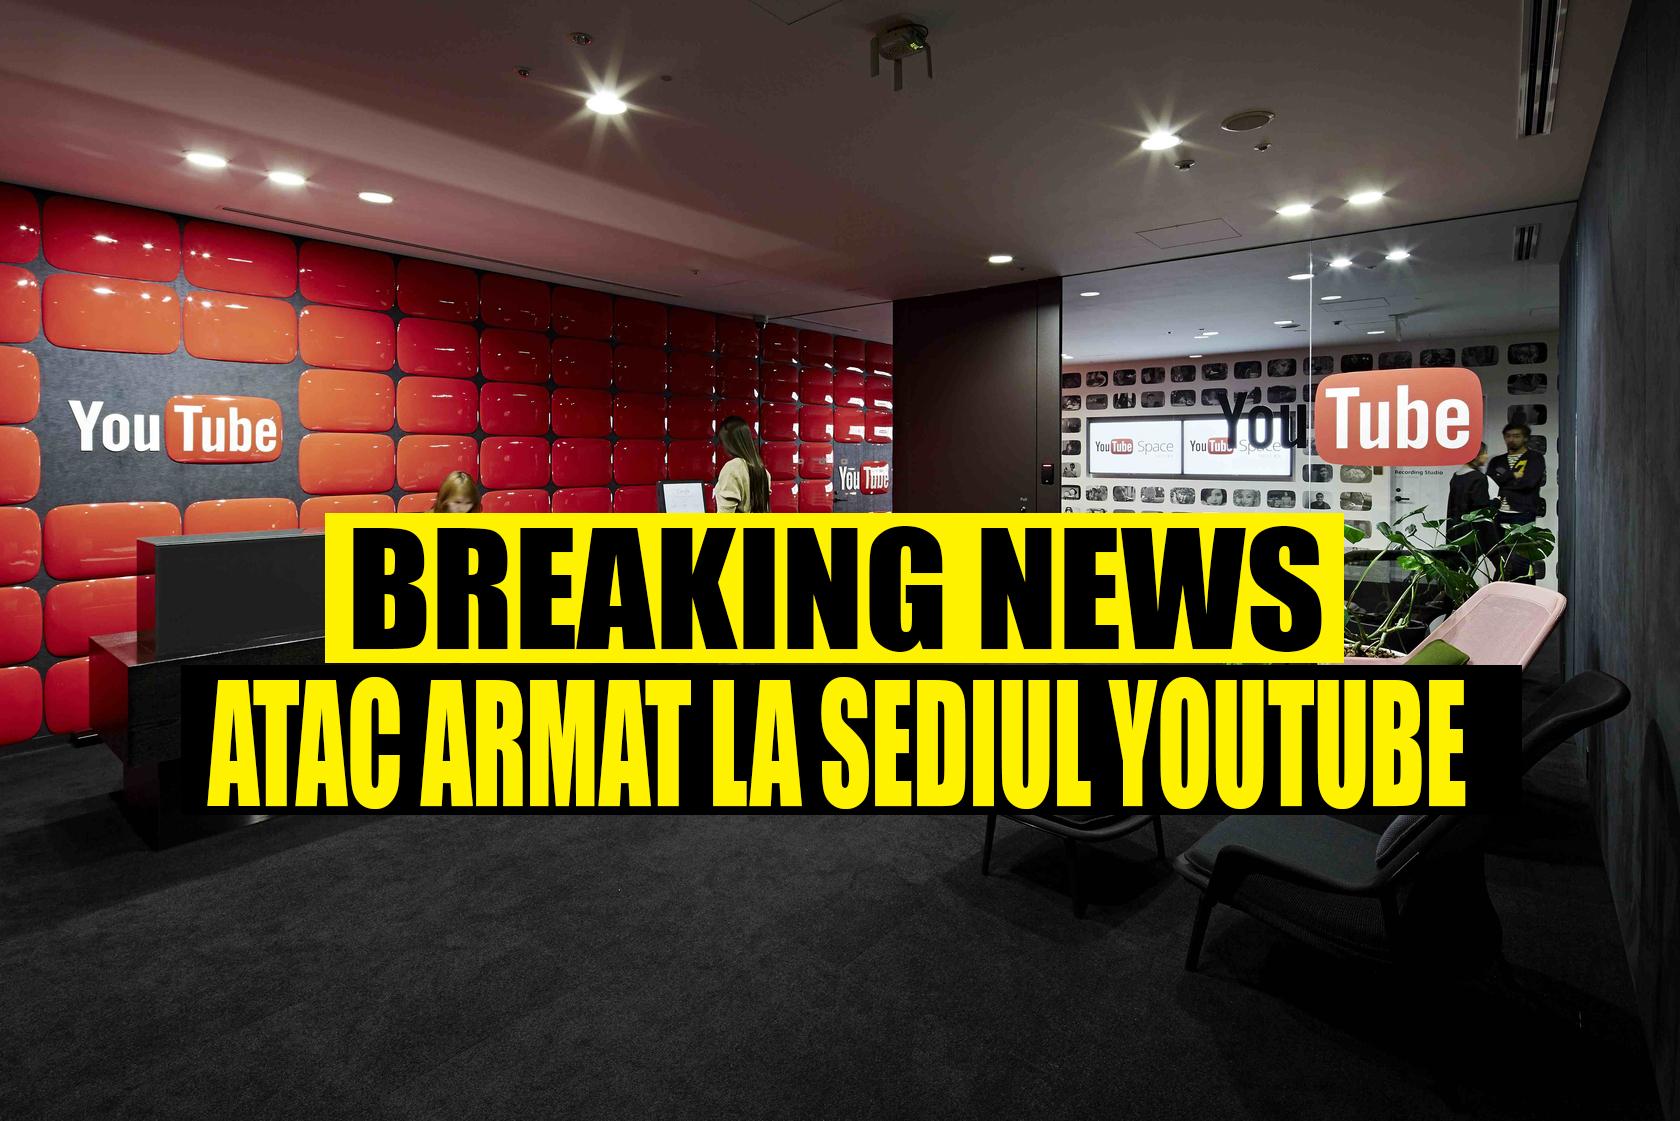 Atac Aramat la Sediul Google (Youtube) - Cel puțin 5 răniți. Atacatorul ar fi murit